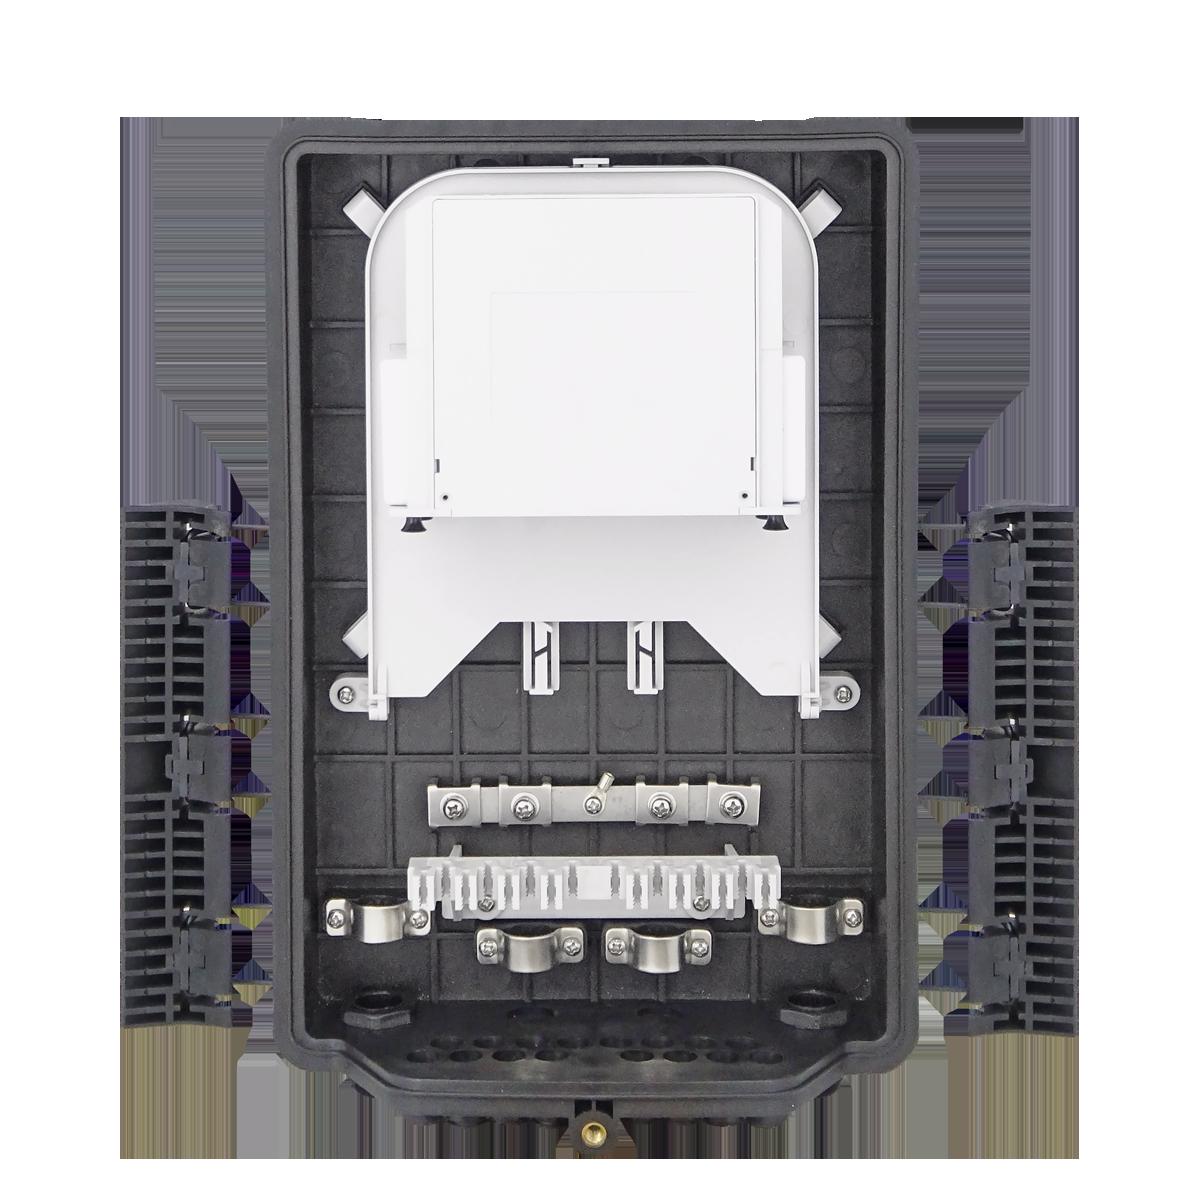 Samm Teknoloji - Outdoor Termination Box | 1 Tray 24 Fibers 16 Ports 16 LGX | 362217 (1)